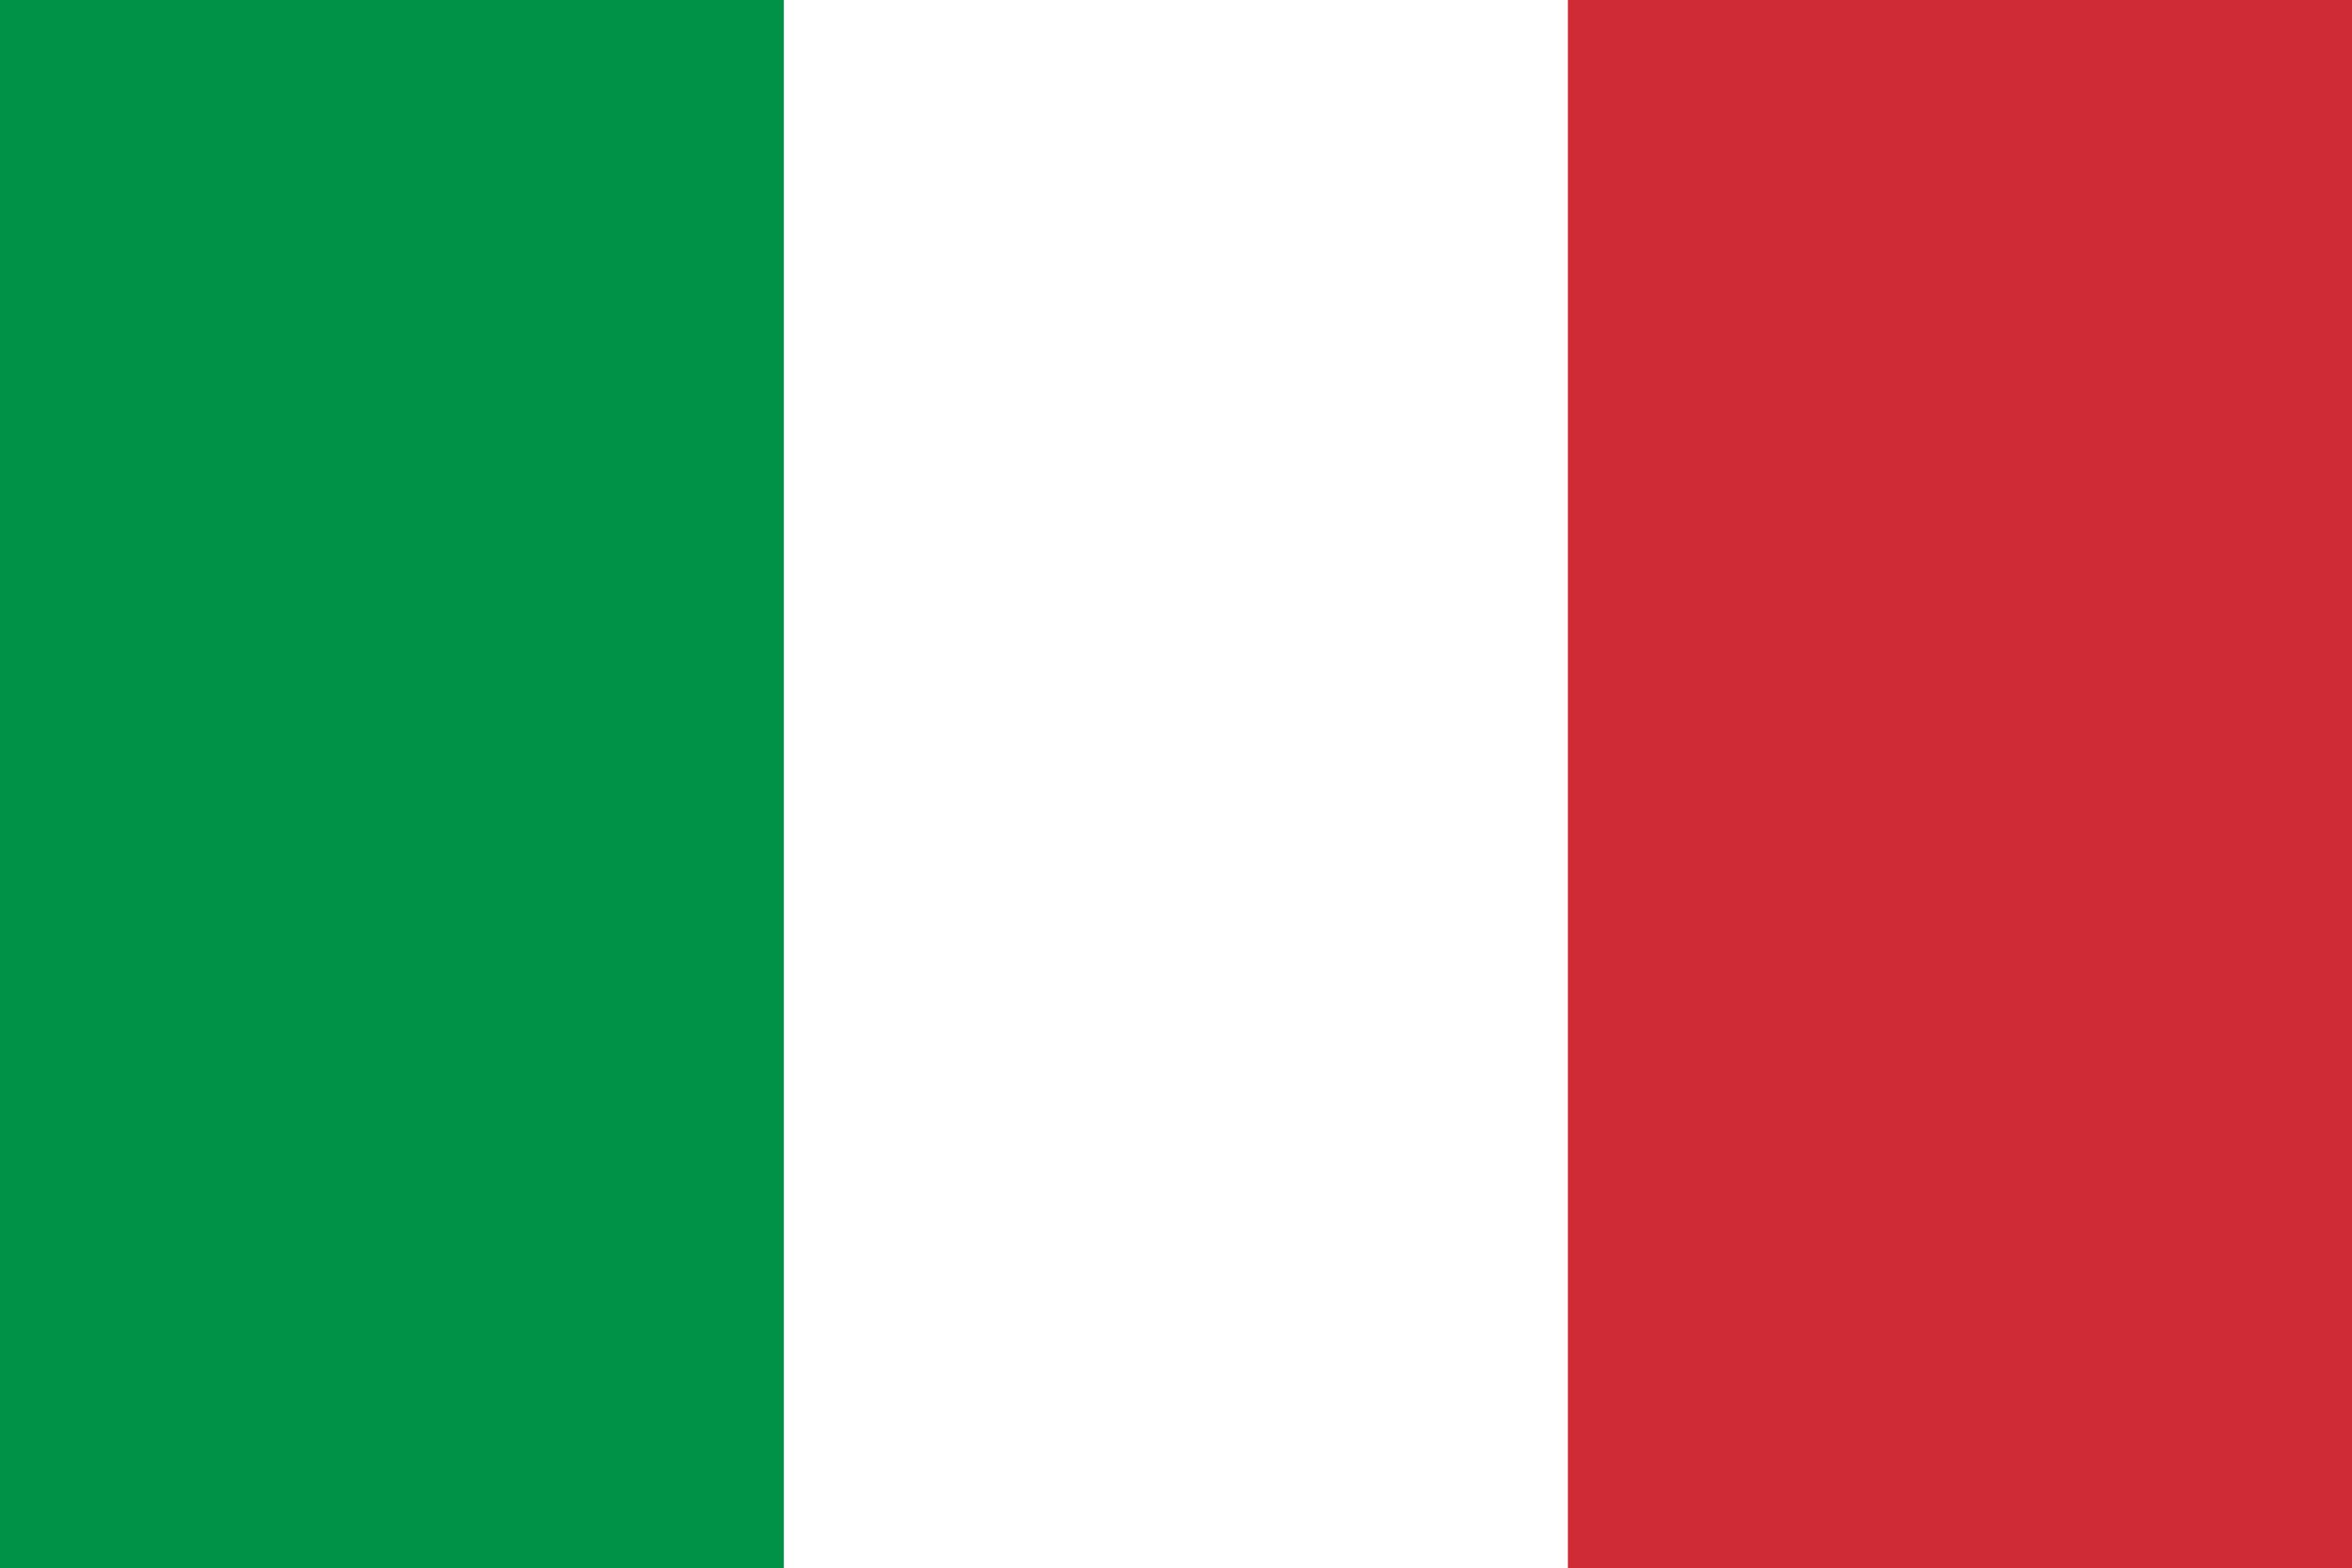 İtalya'da tarihi görüşme